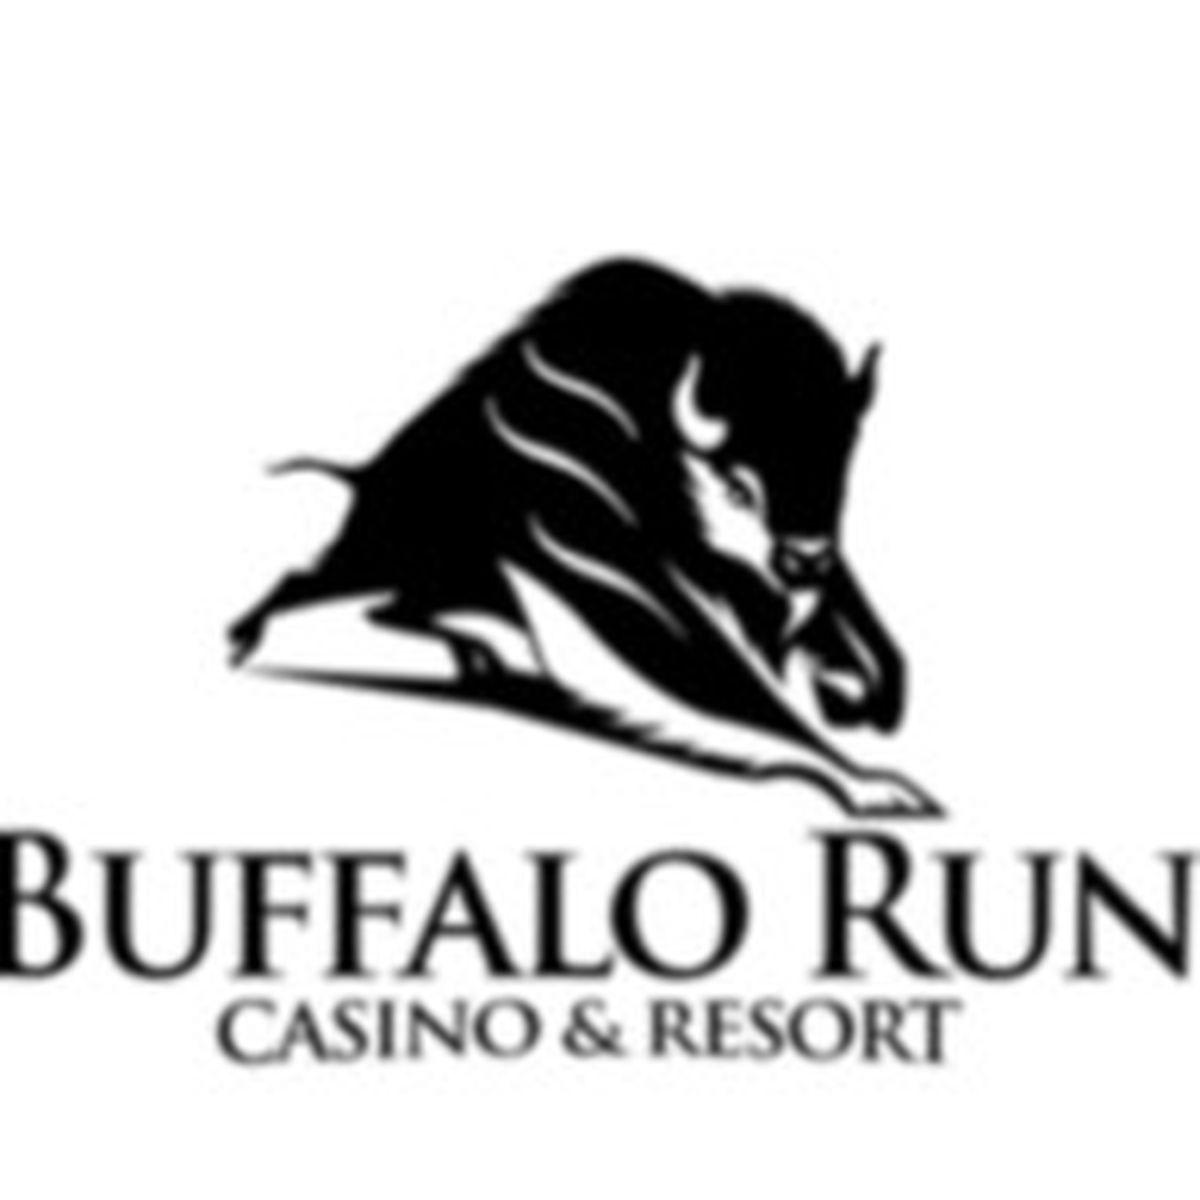 buffalo run casino